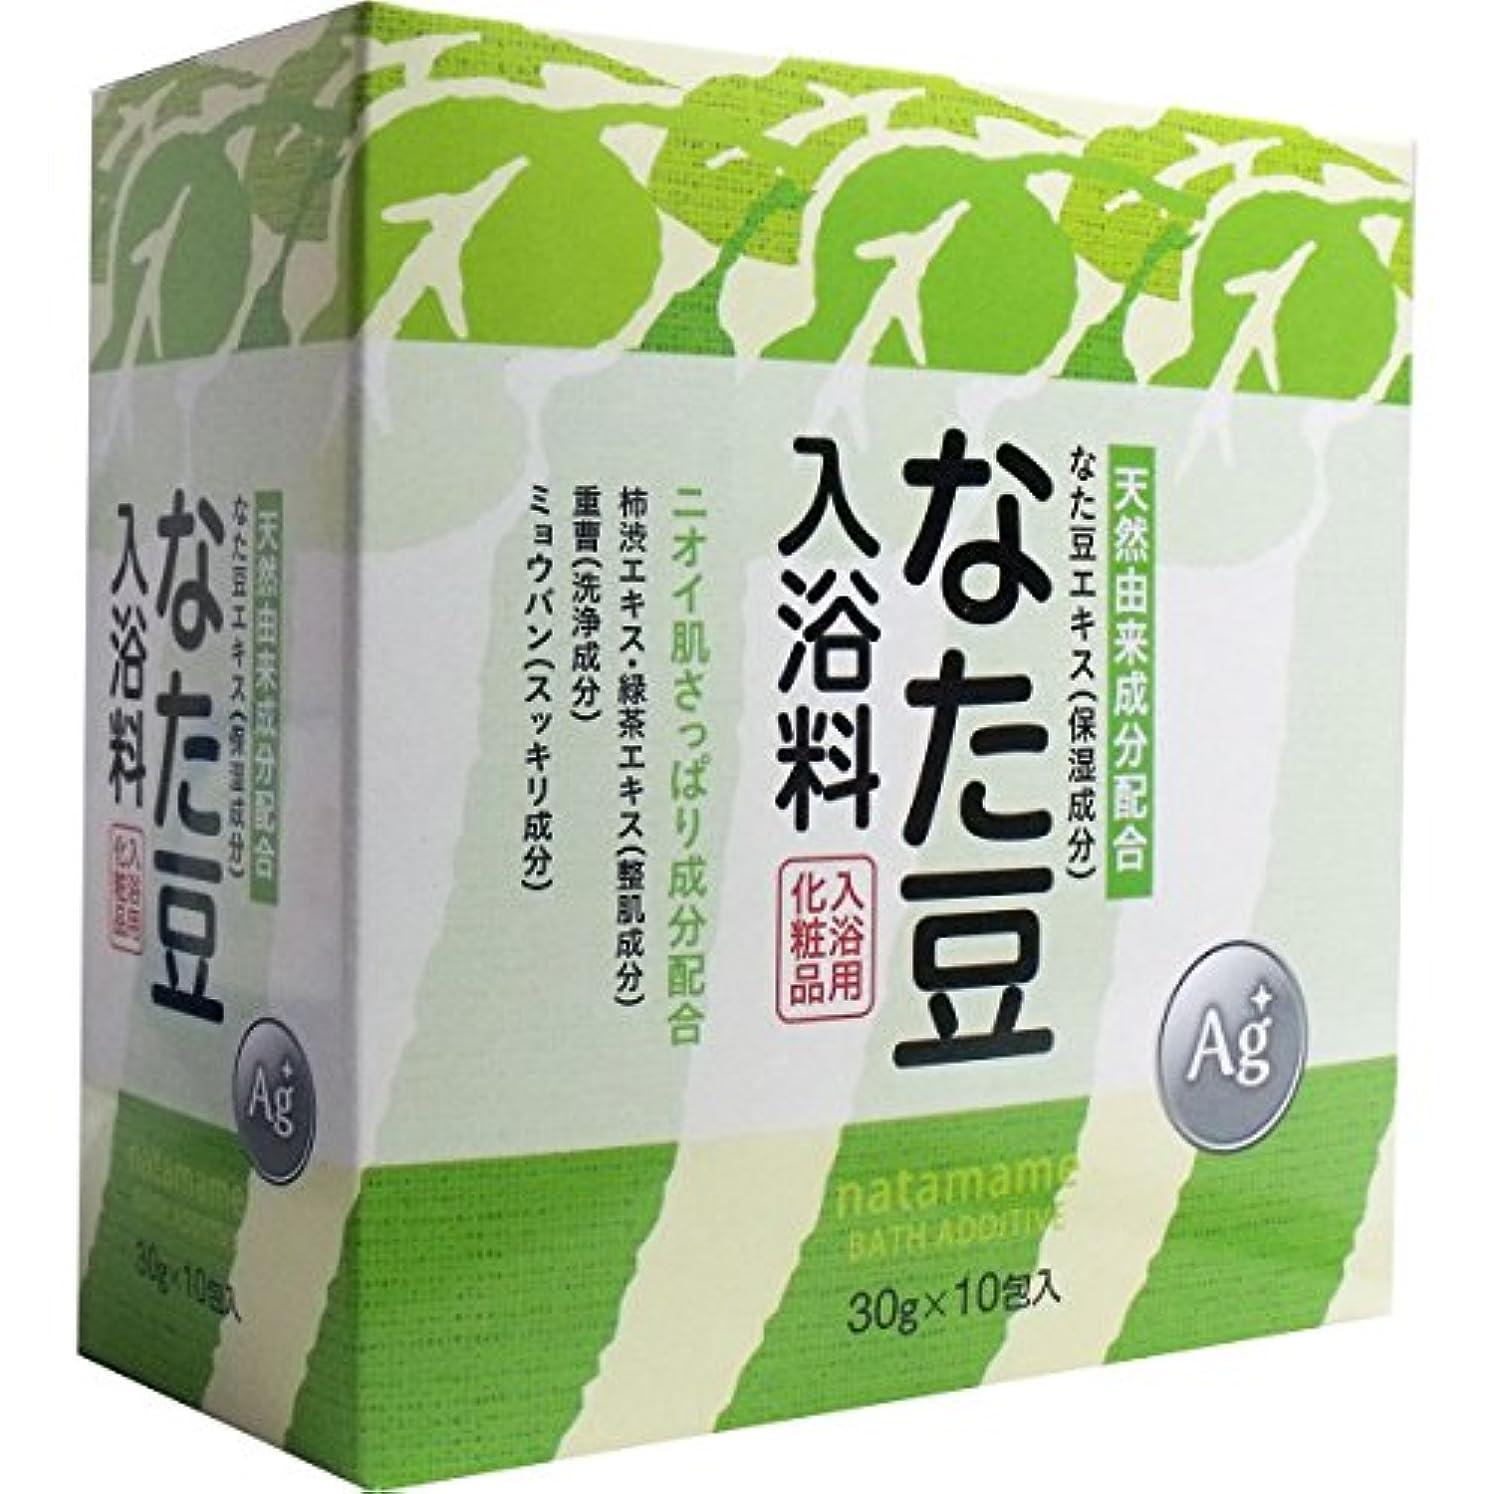 なた豆入浴料 入浴用化粧品 30g×10包入×6